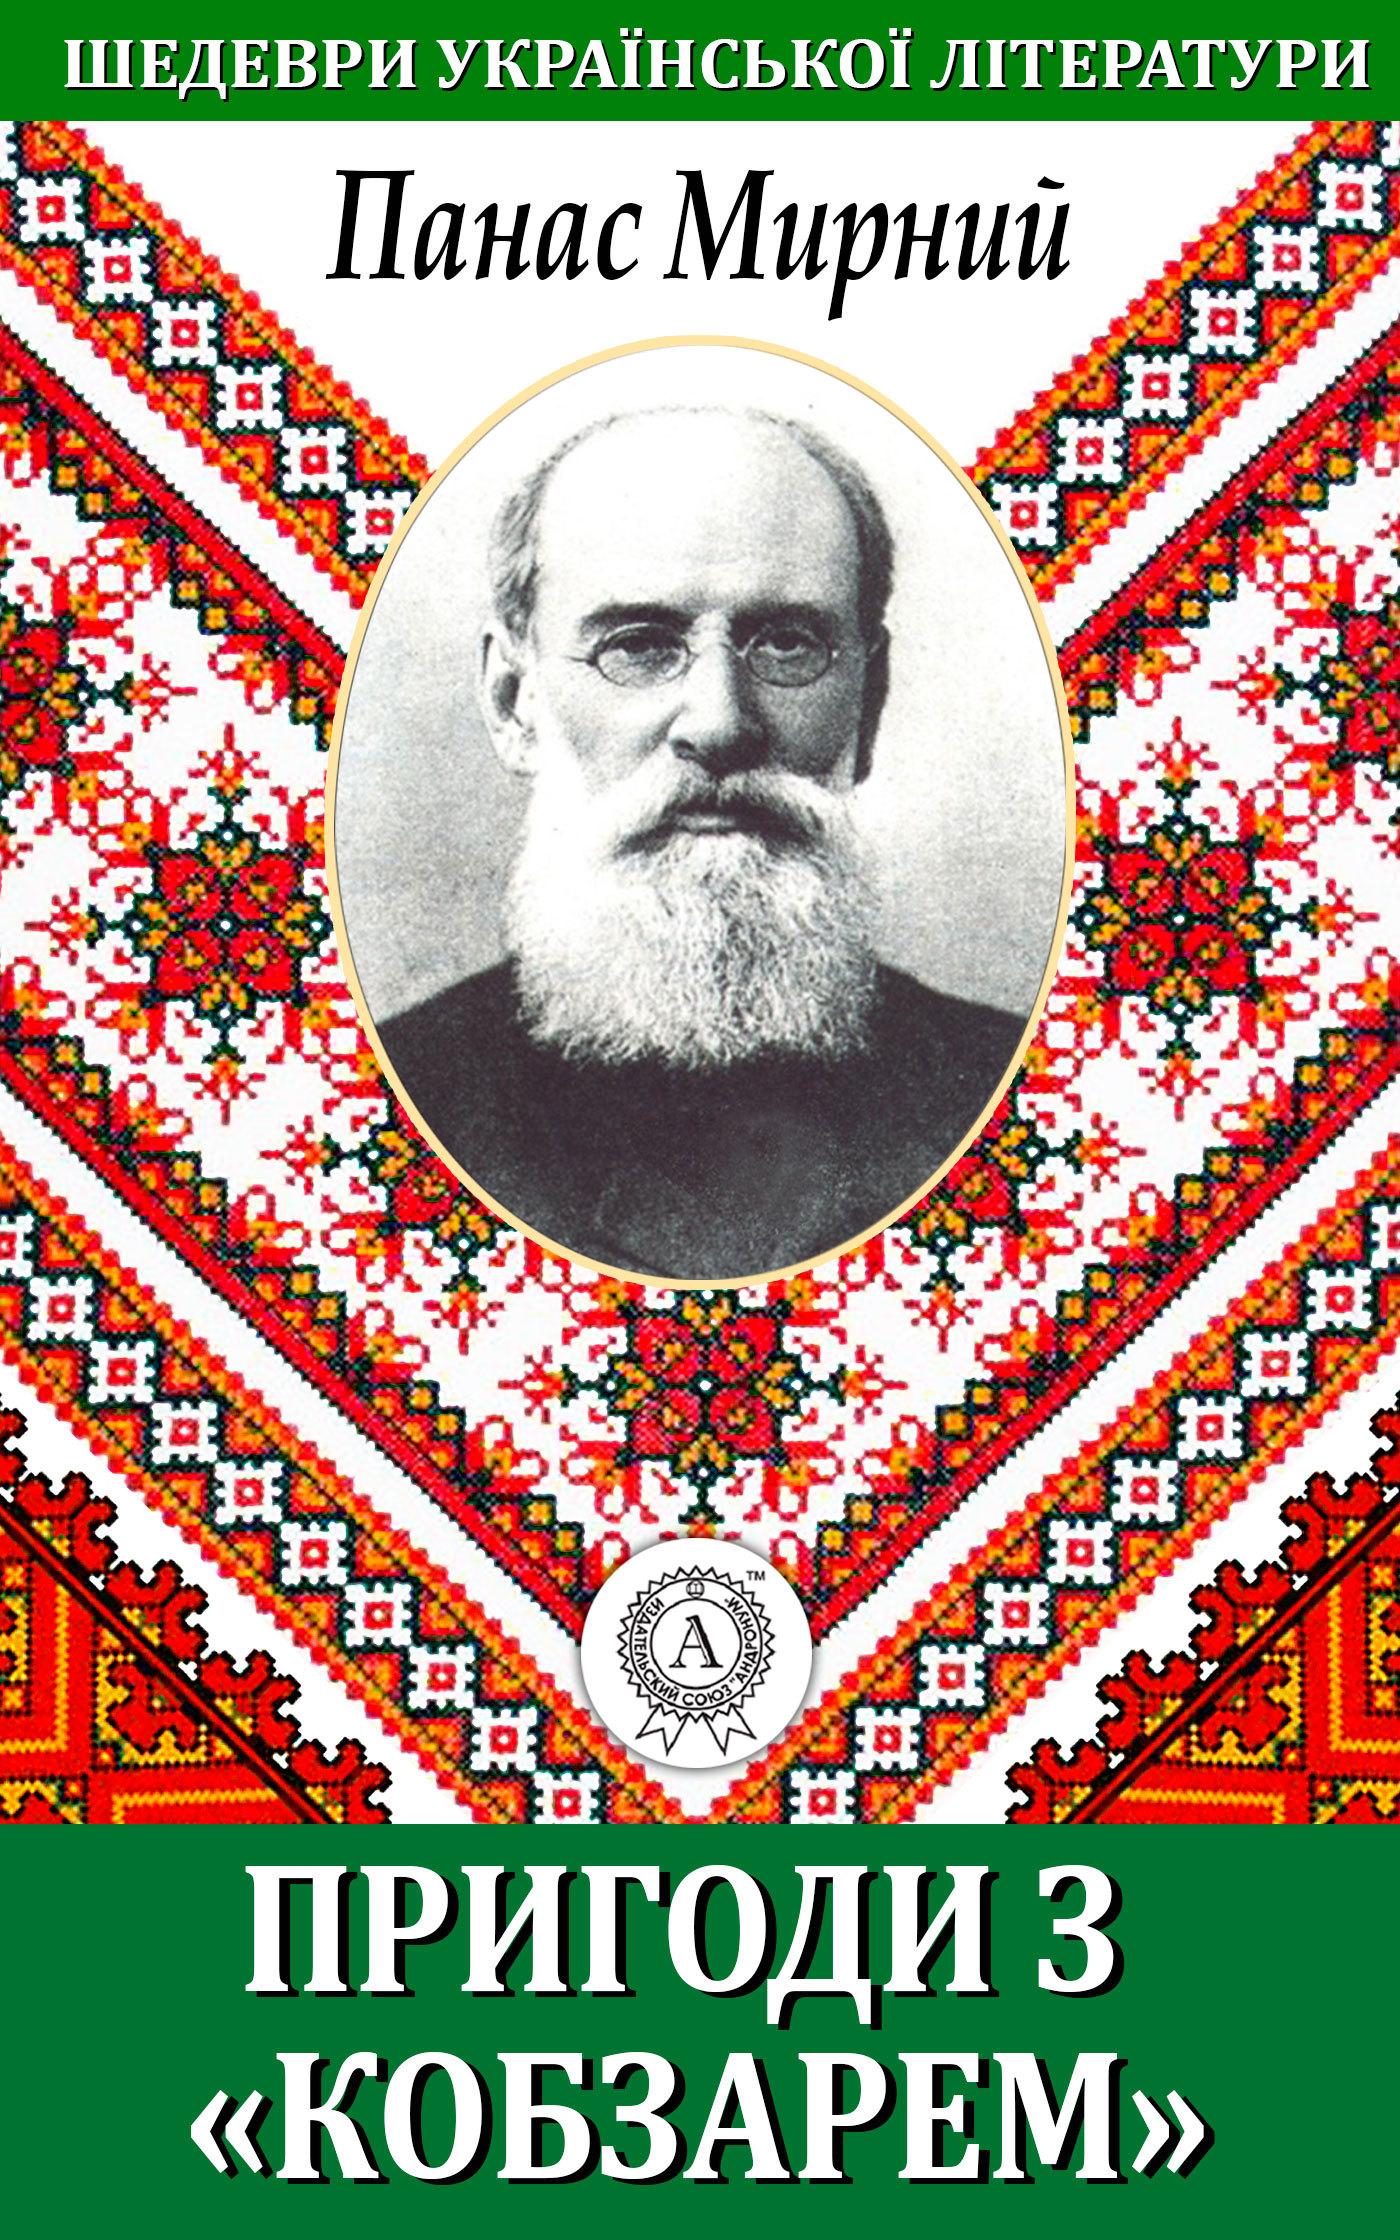 Обложка книги Пригода з «Кобзарем», автор Мирний, Панас